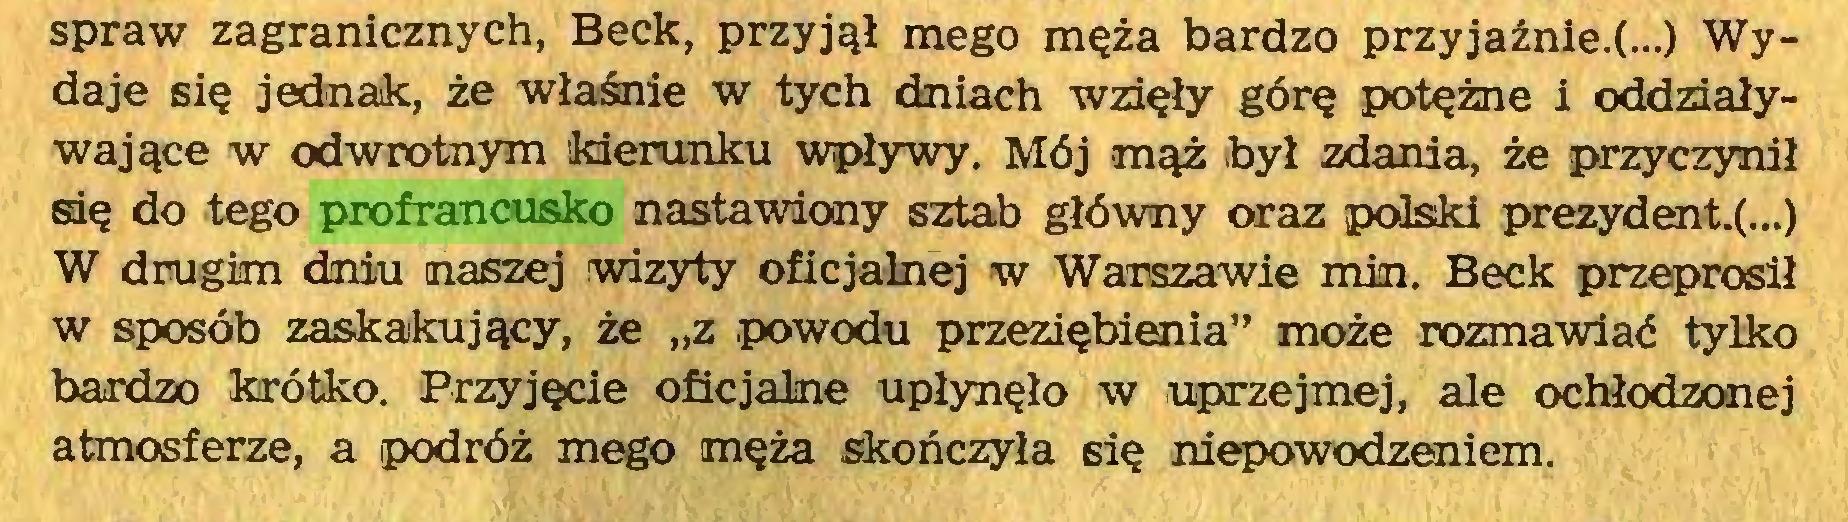 """(...) spraw zagranicznych, Beck, przyjął mego męża bardzo przyjaźnie^...) Wydaje się jednak, że właśnie w tych dniach wzięły górę potężne i oddziaływające w odwrotnym kierunku wpływy. Mój mąż był zdania, że przyczynił się do tego profrancusko nastawiony sztab główny oraz polski prezydent.(...) W drugim dniu naszej wizyty oficjalnej w Warszawie min. Beck przeprosił w sposób zaskakujący, że """"z powodu przeziębienia"""" może rozmawiać tylko bardzo krótko. Przyjęcie oficjalne upłynęło w uprzejmej, ale ochłodzonej atmosferze, a podróż mego męża skończyła się niepowodzeniem..."""